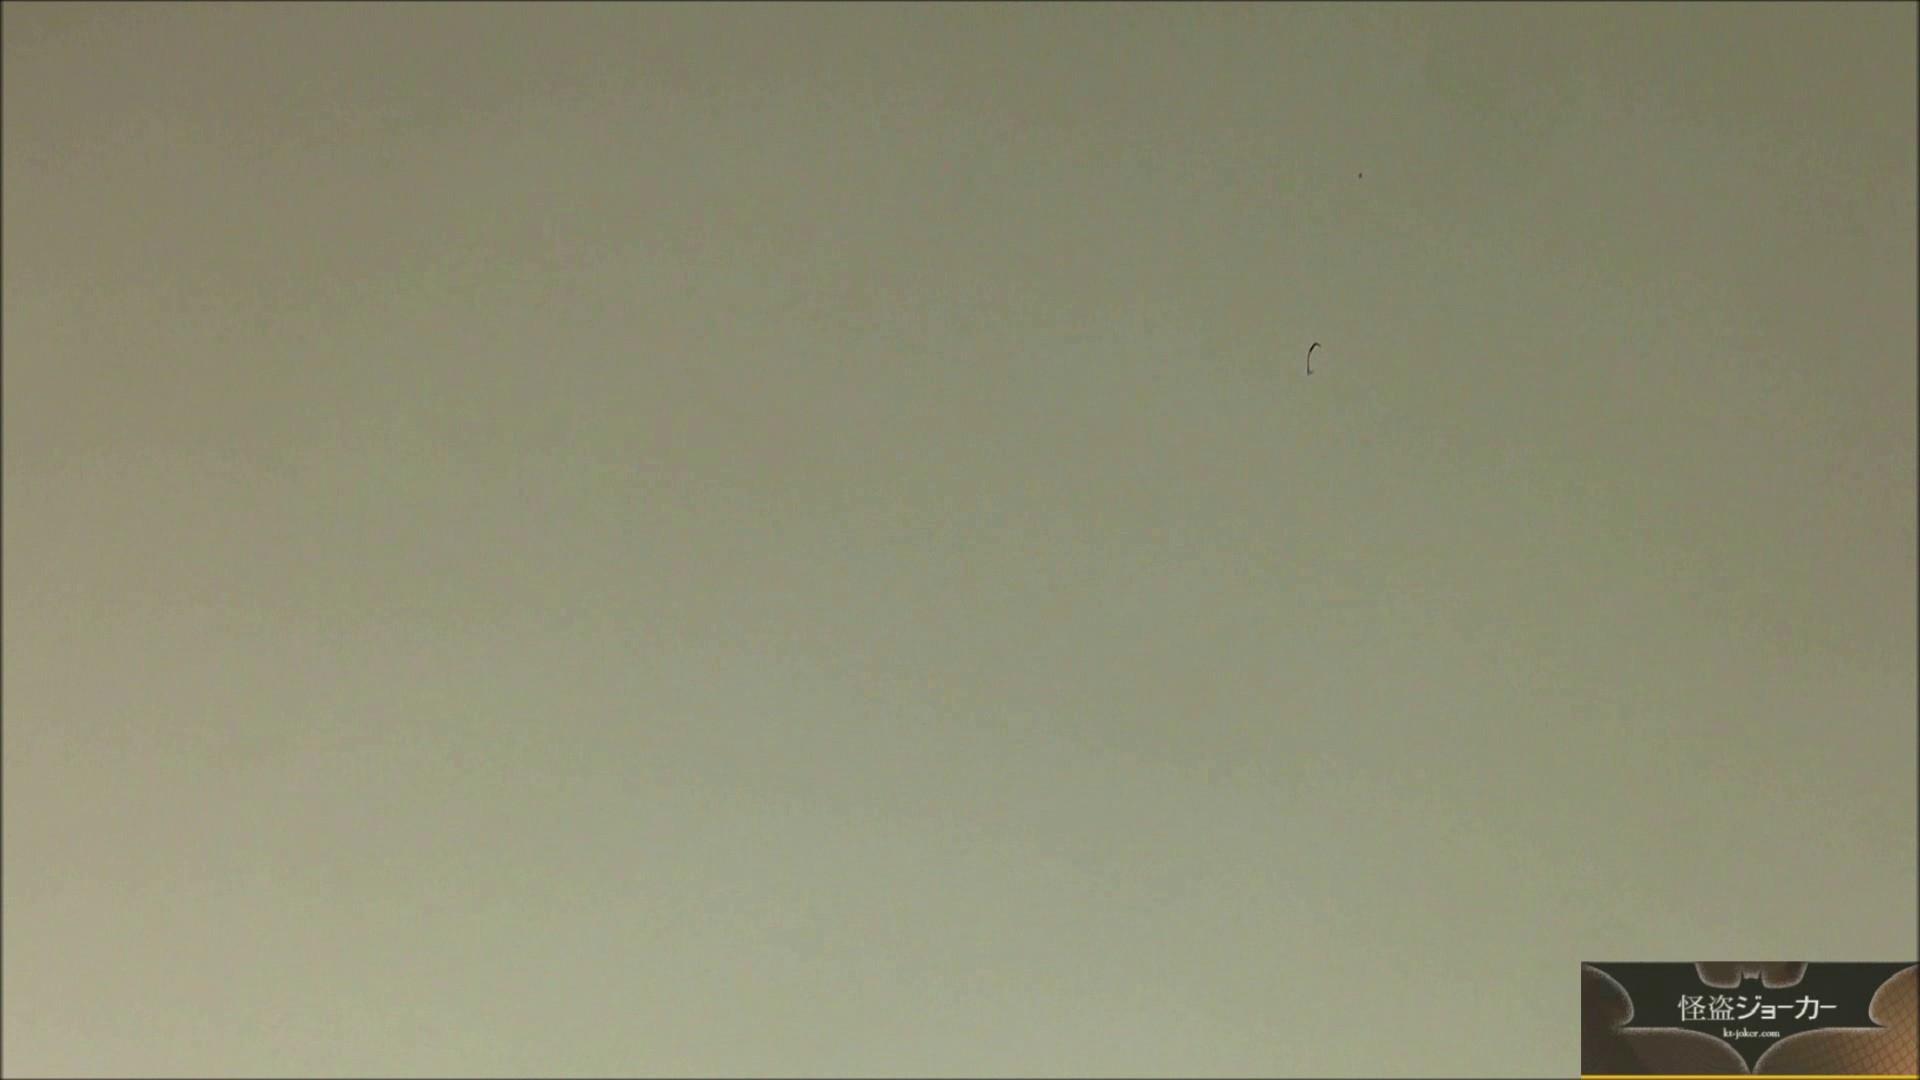 【未公開】vol.69 {AKB系・清純黒髪美少女}Haruruちゃん苺の夜 リアル・マンコ エロ無料画像 88pic 59